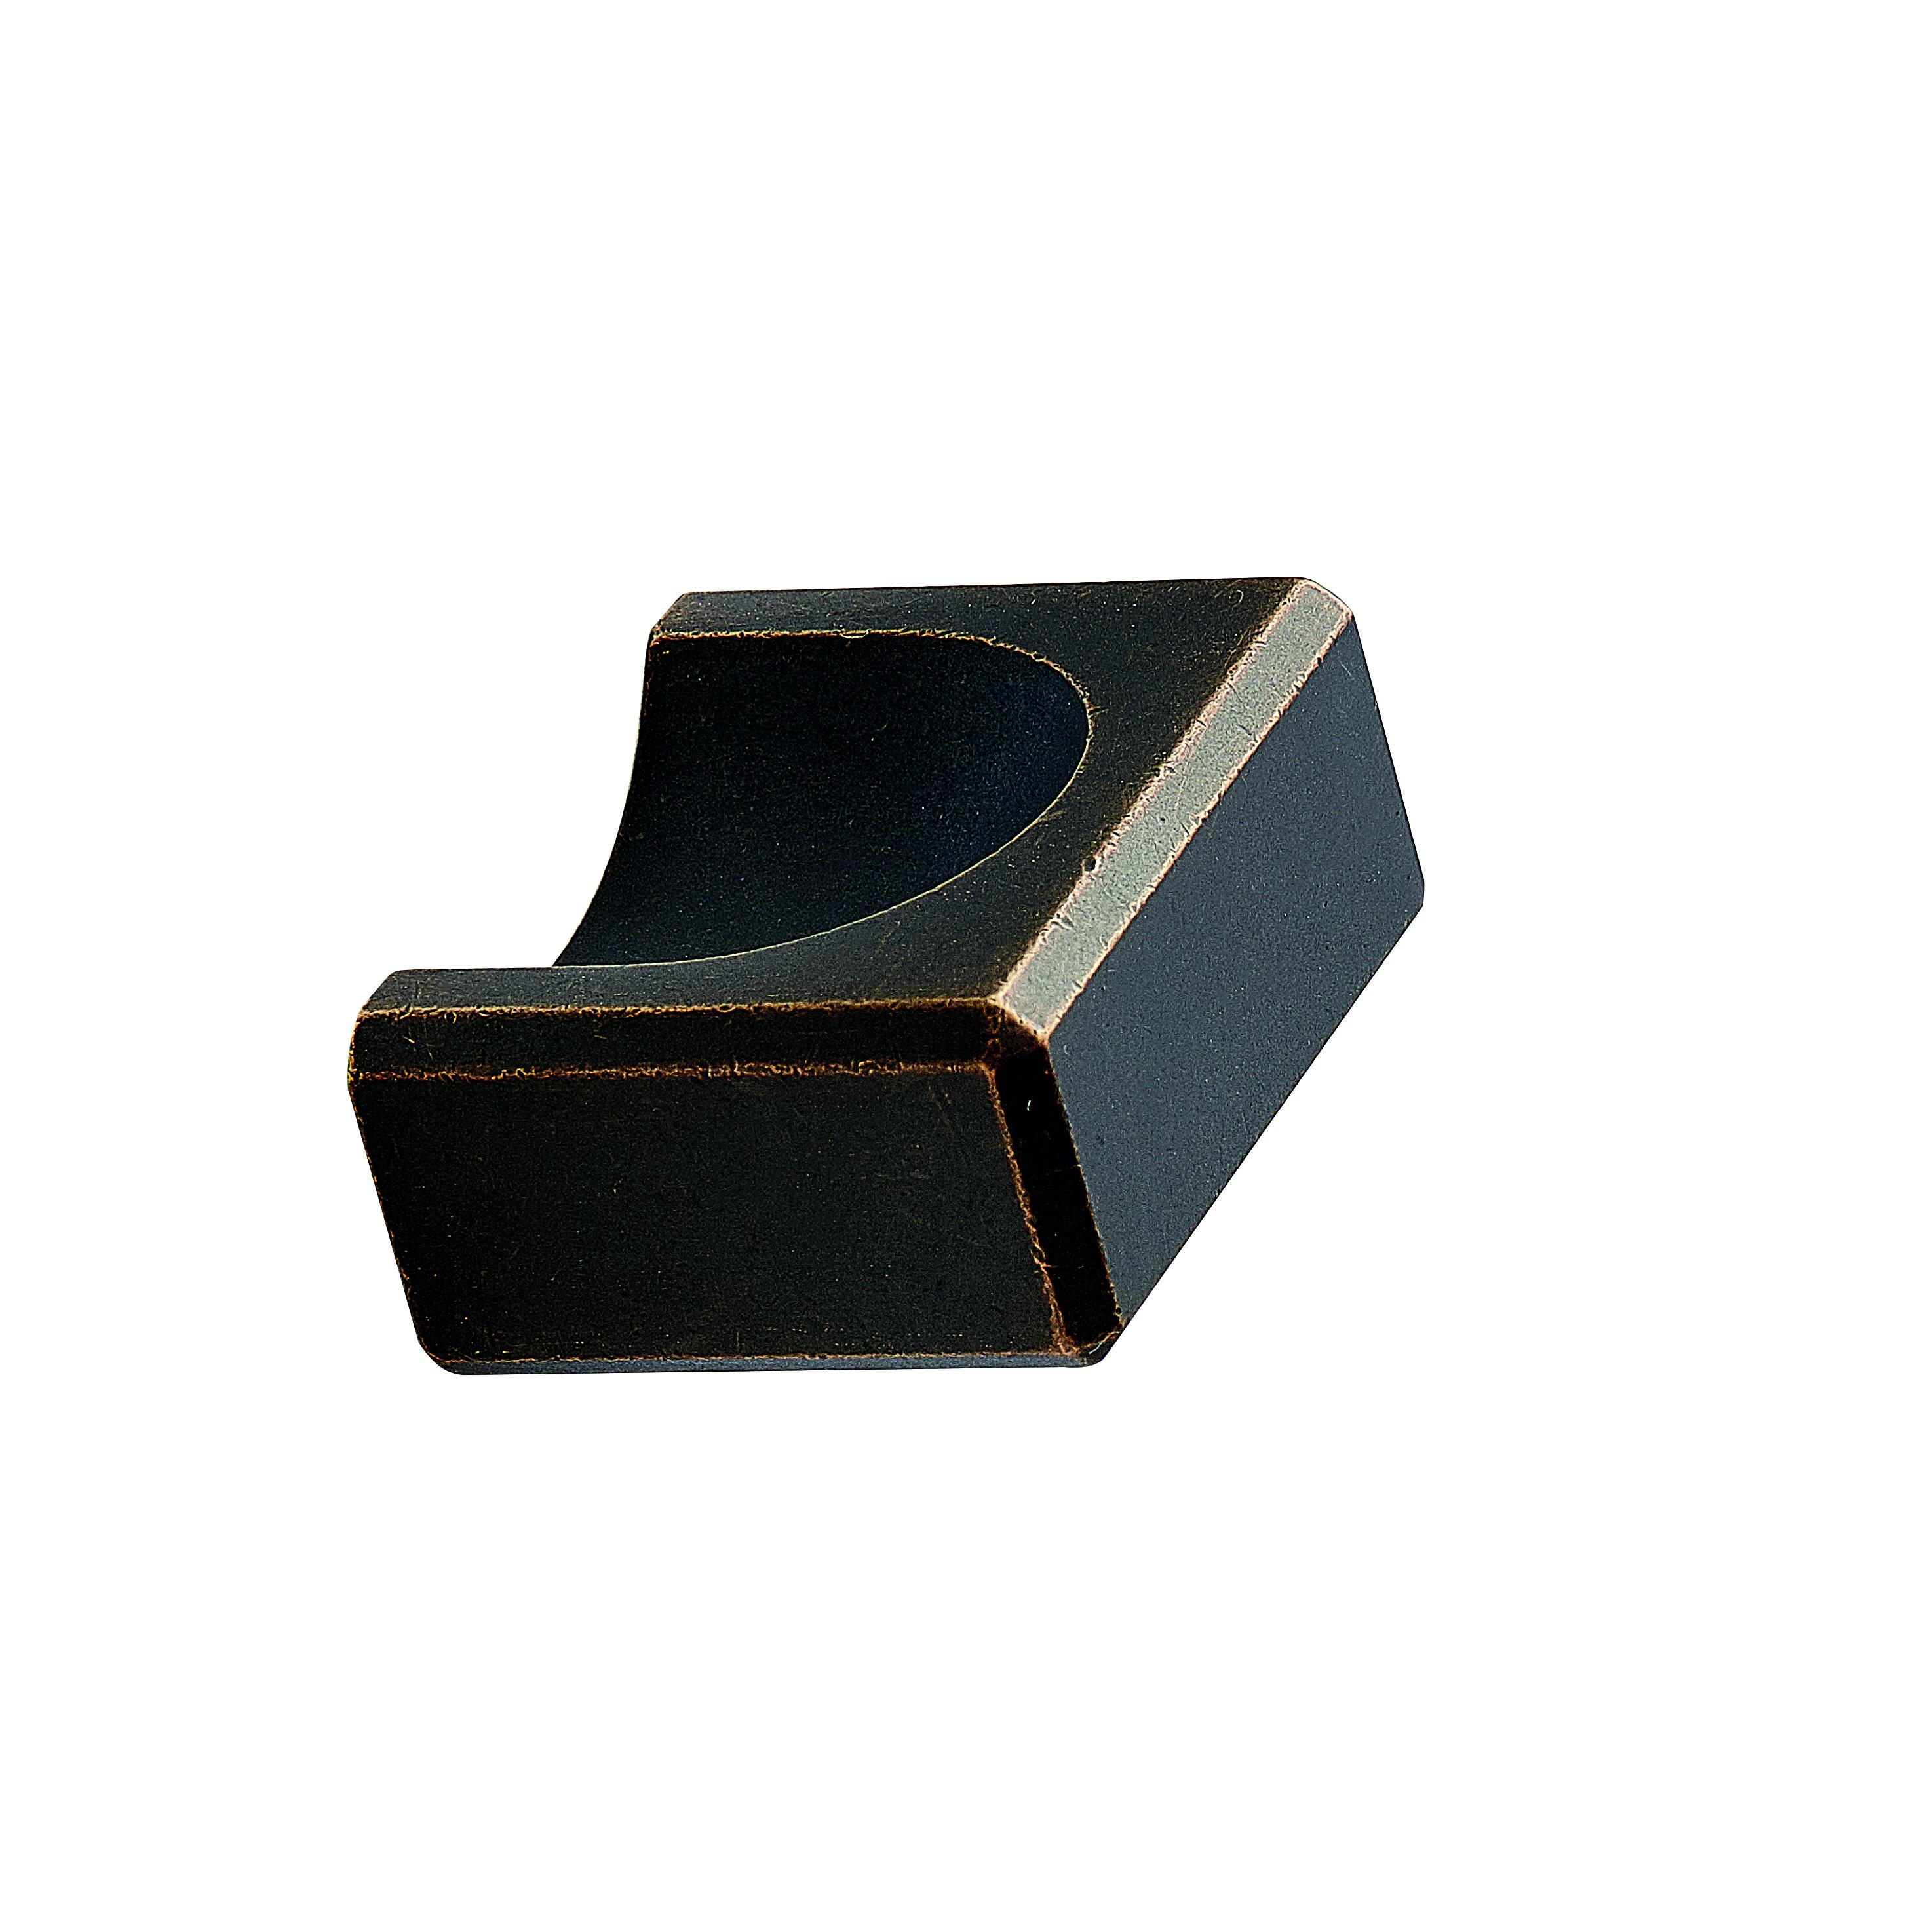 Käepide Fold antiik hall 32mm